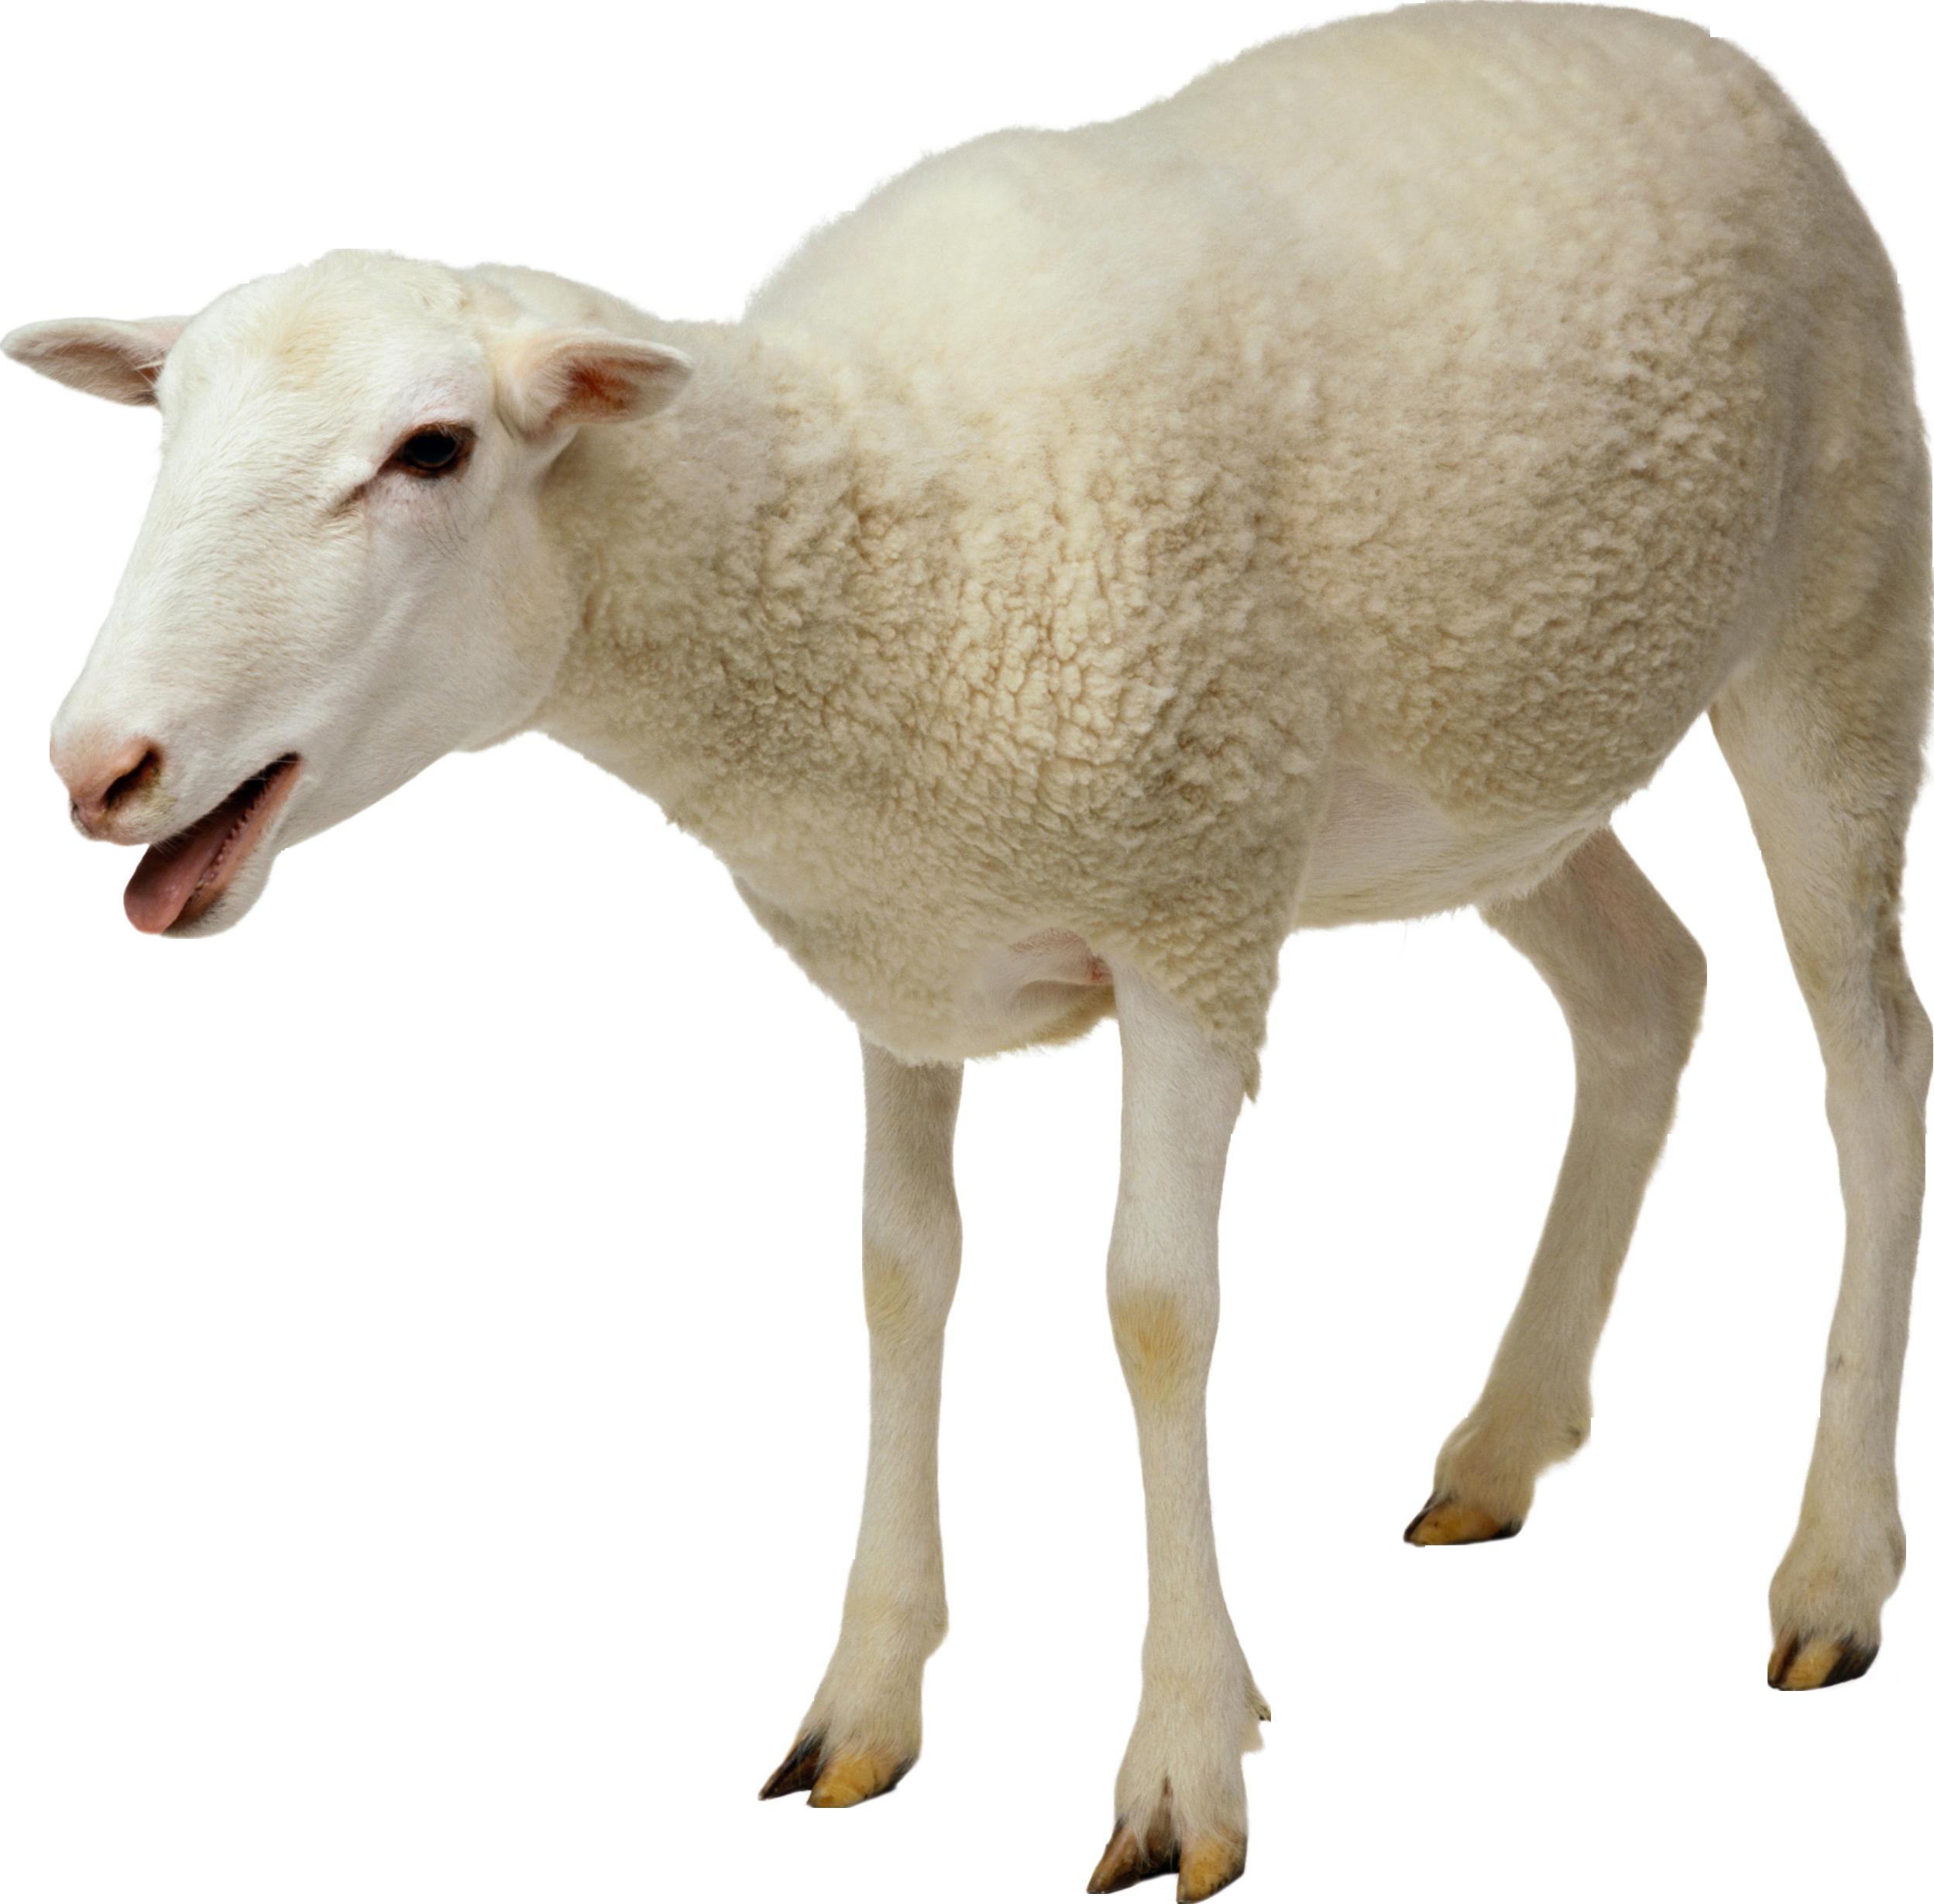 sheep_png2718